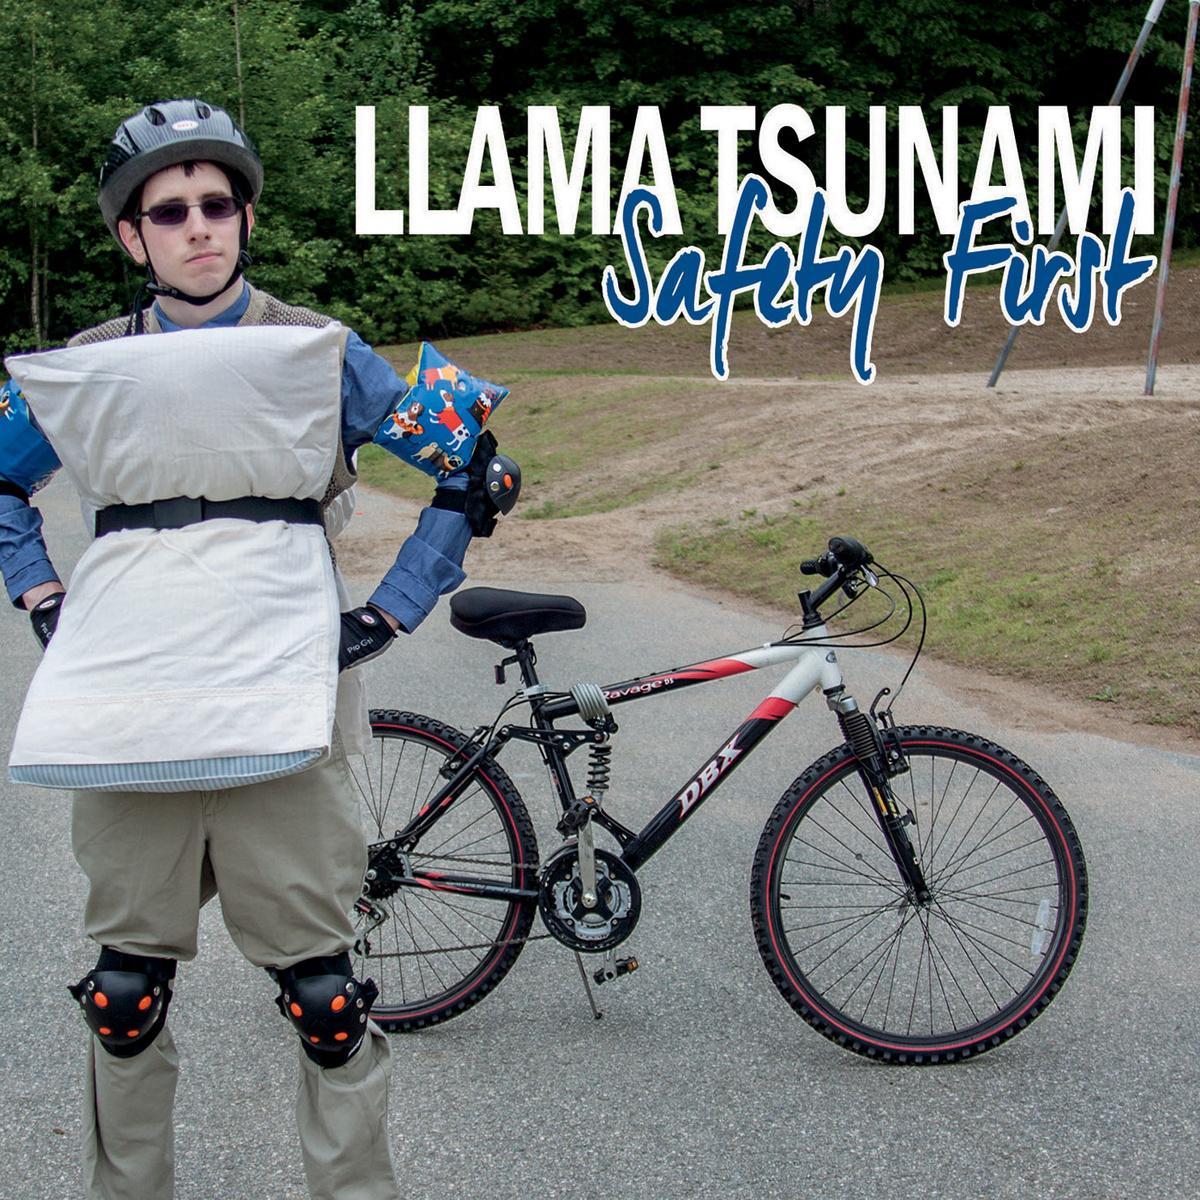 Llama Tsunami Safety First Album Artwork